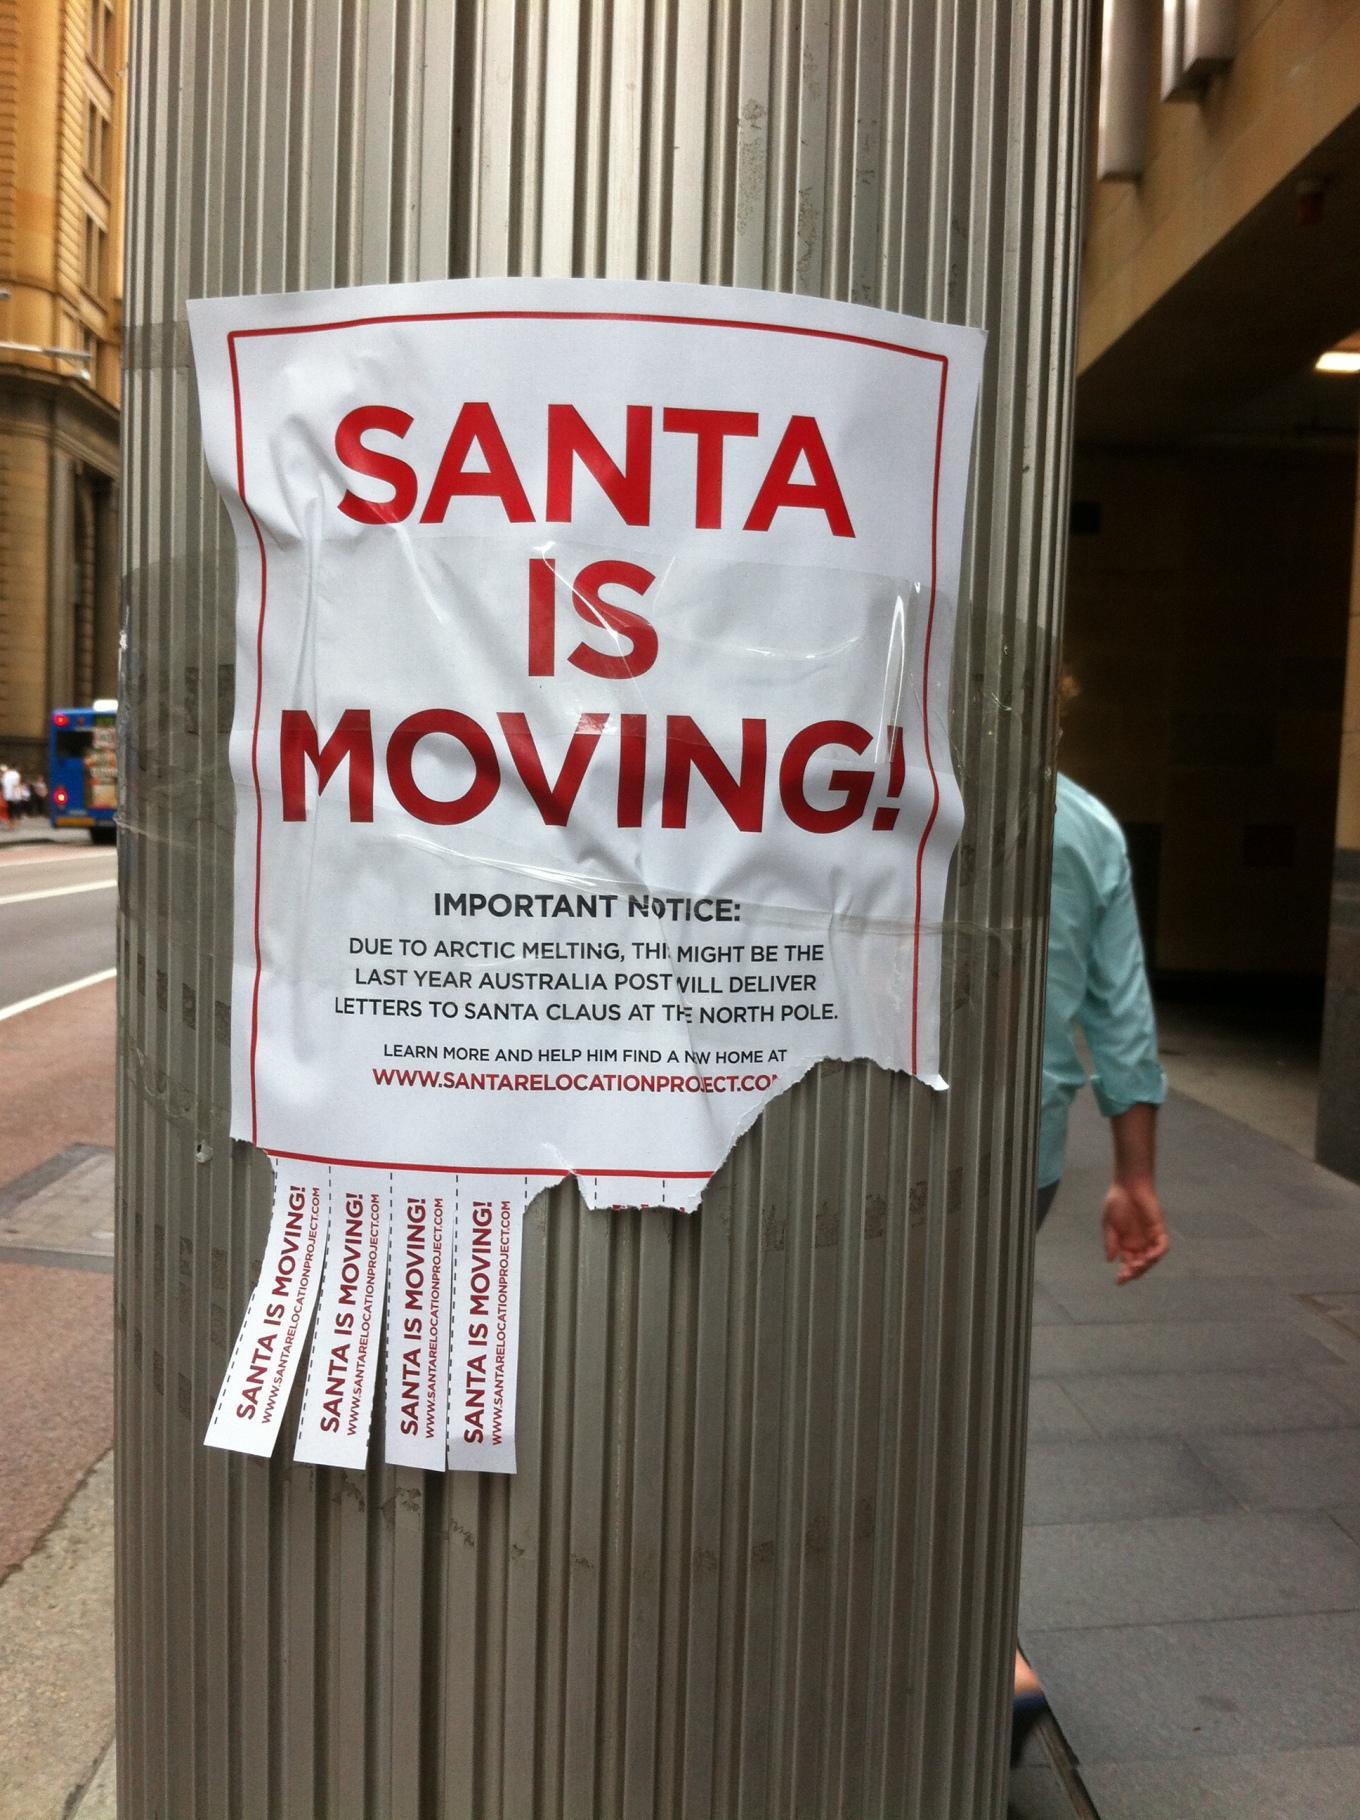 Santa's Moved!